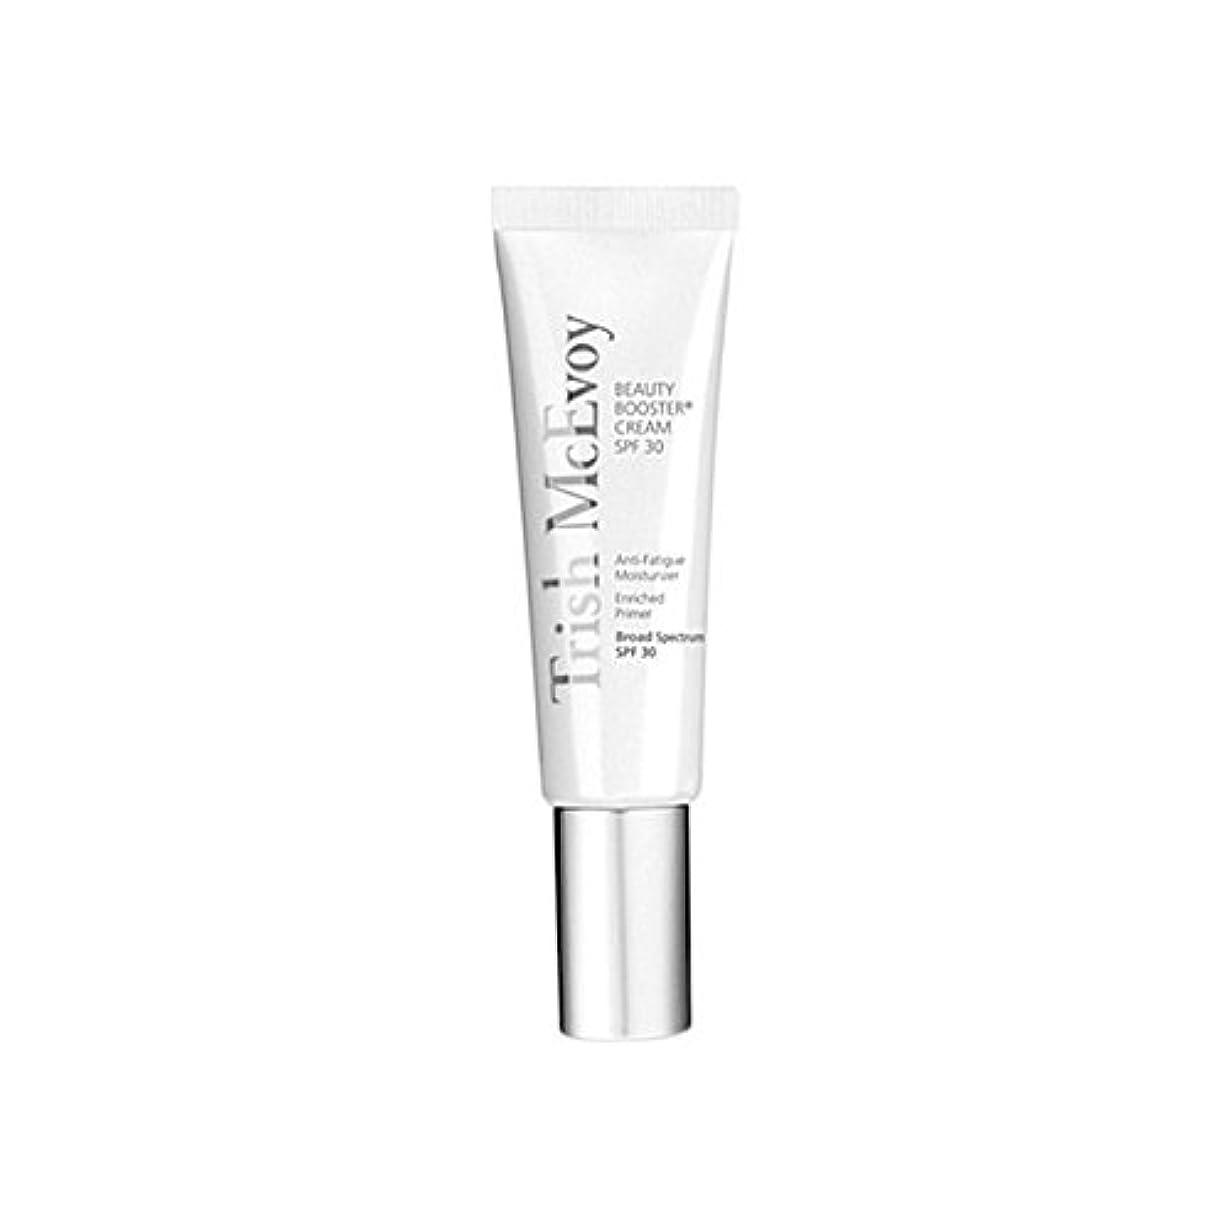 前提条件空洞の前でTrish Mcevoy Beauty Booster Cream Spf 30 55ml - トリッシュ?マクエボイの美しブースタークリーム 30 55ミリリットル [並行輸入品]